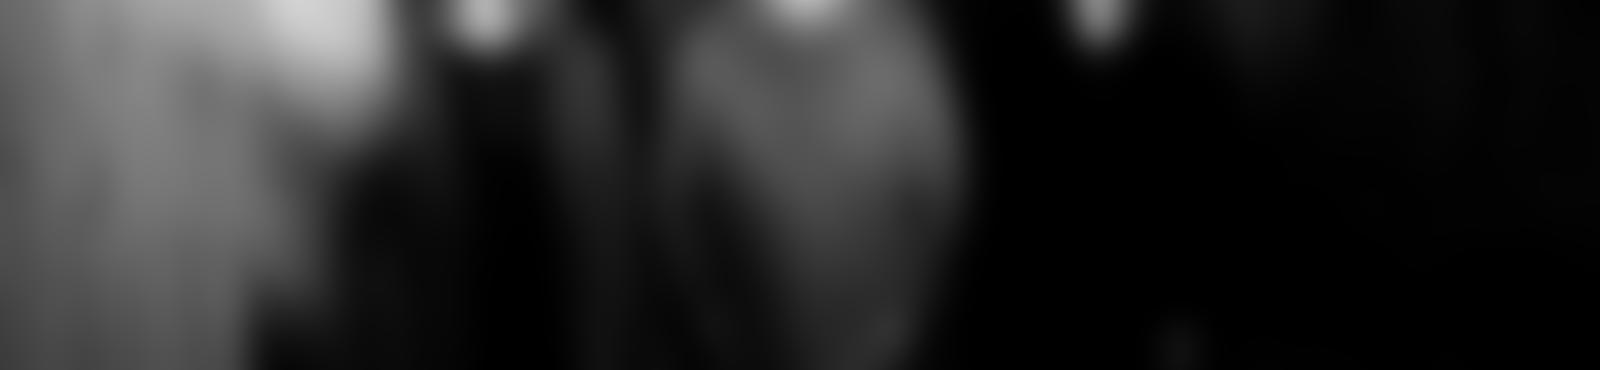 Blurred 146f9d84 421a 459c a79a e53ecdf36ec1